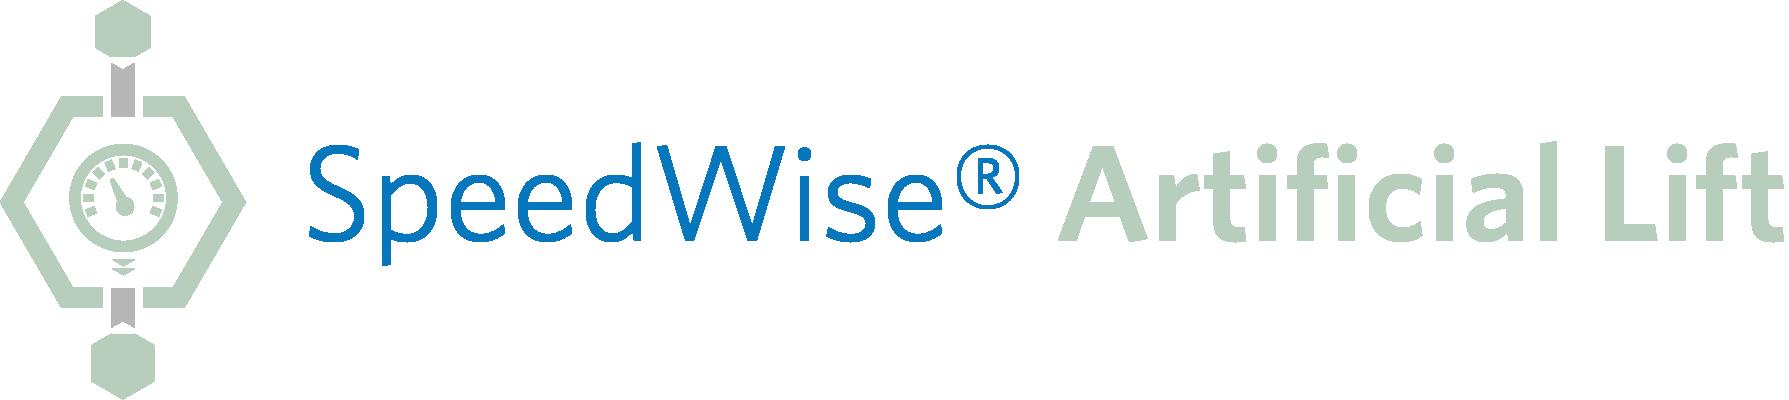 SAL - SpeedWise Artificial Lift logo